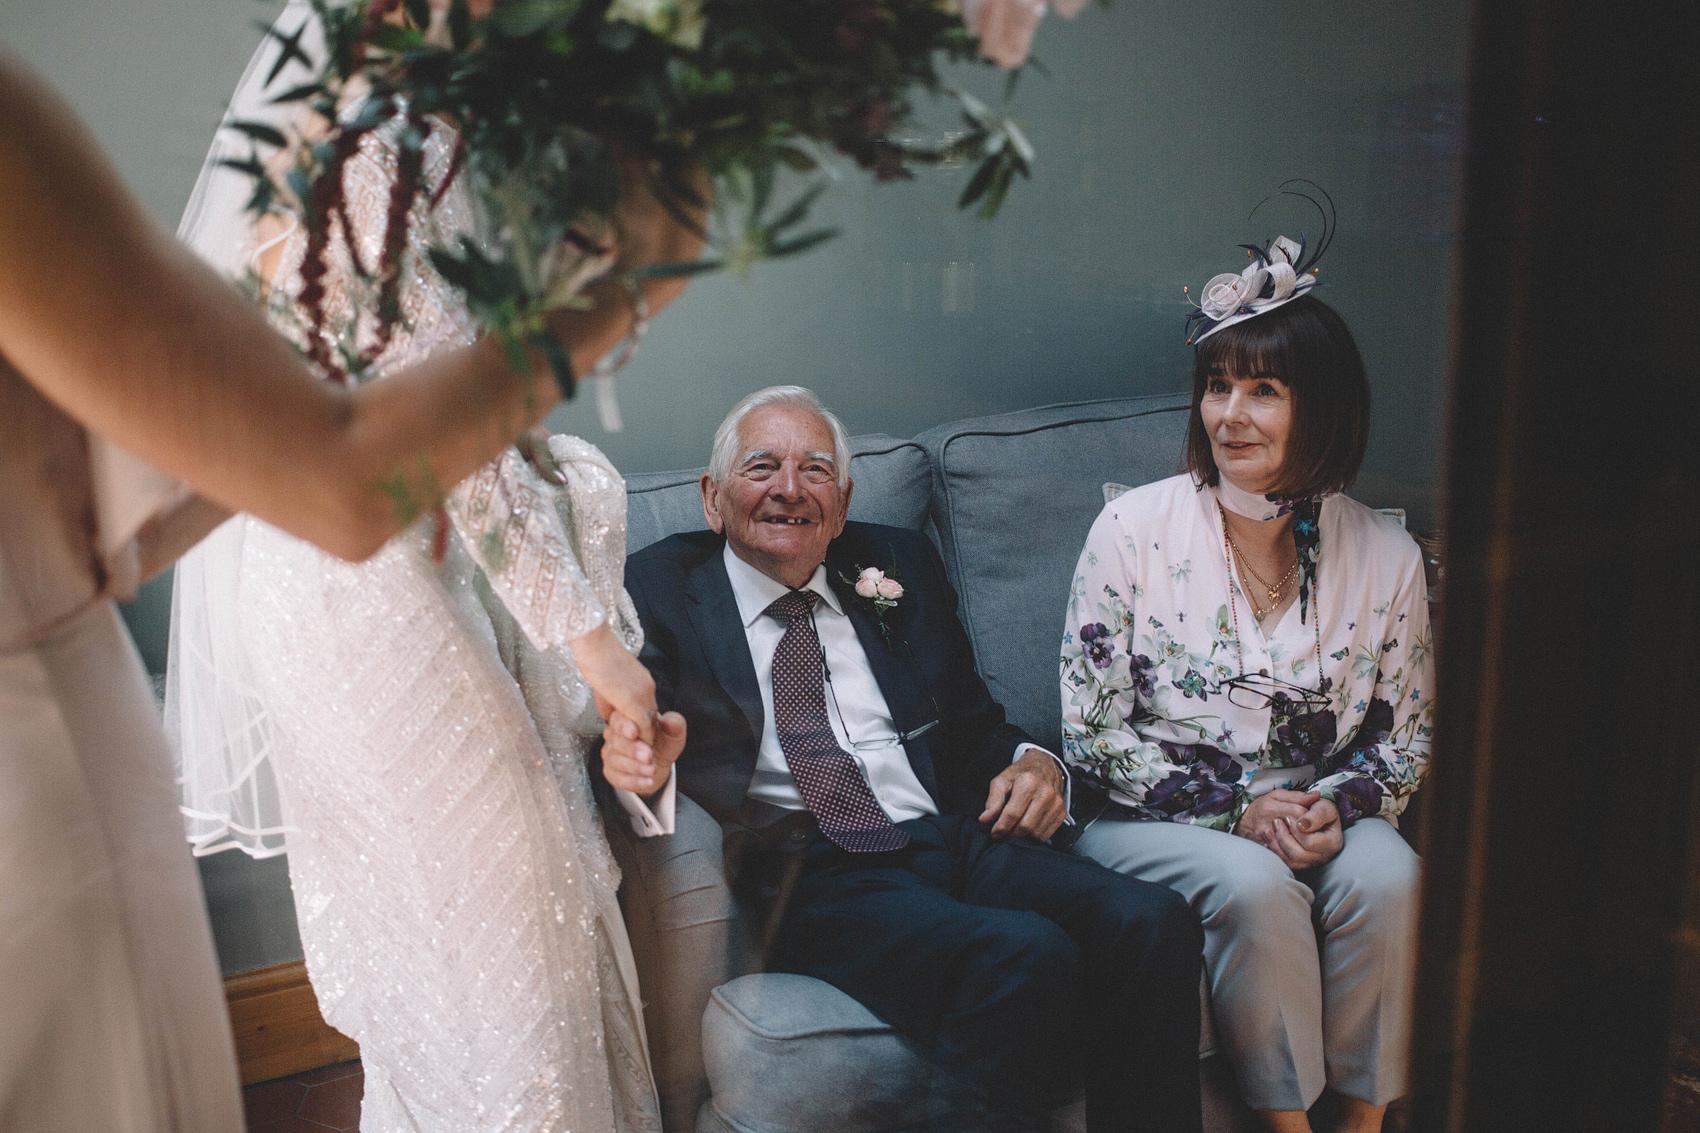 Inglewood_Manor_Wedding_Photography_-_Claire_Basiuk_Cheshire_Photographer_-_12_10.jpg